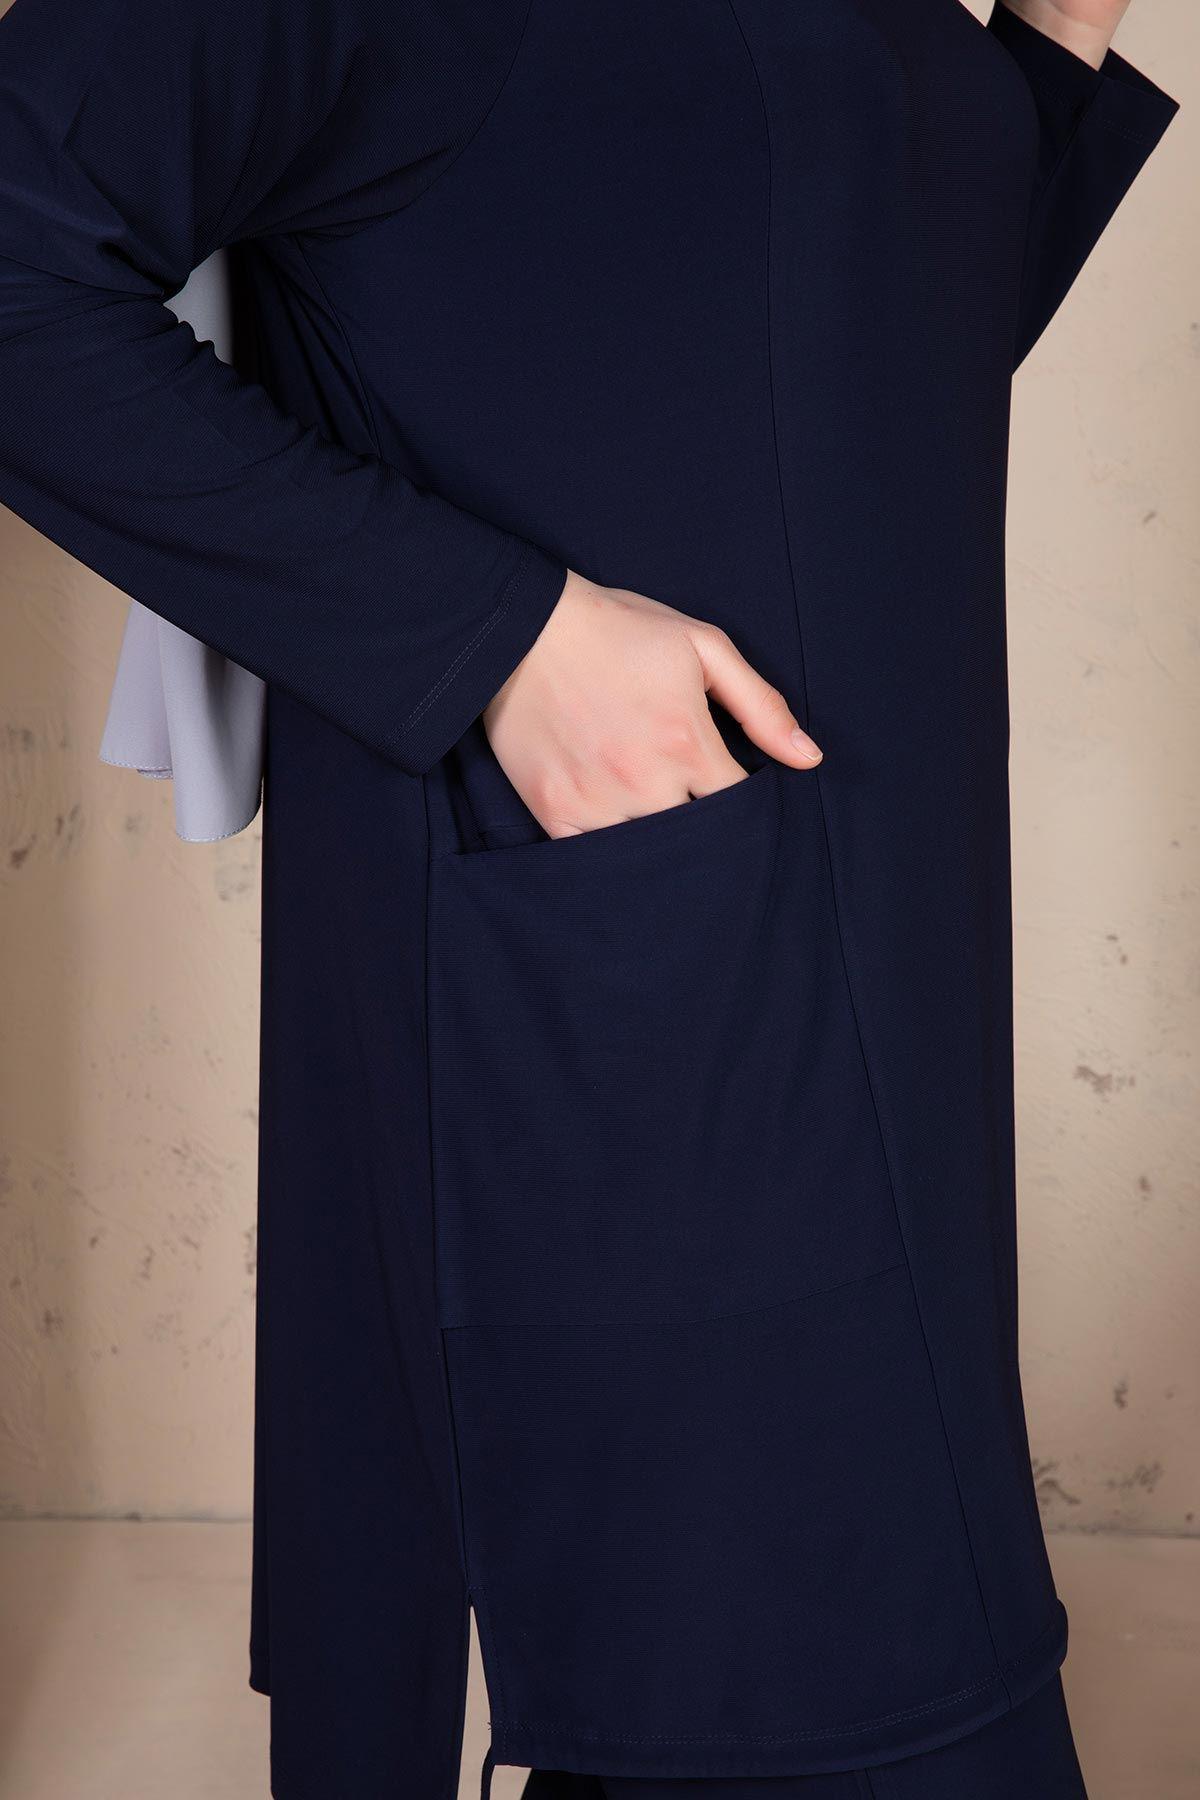 Hamra Pantolonlu Takım Lacivert 35005